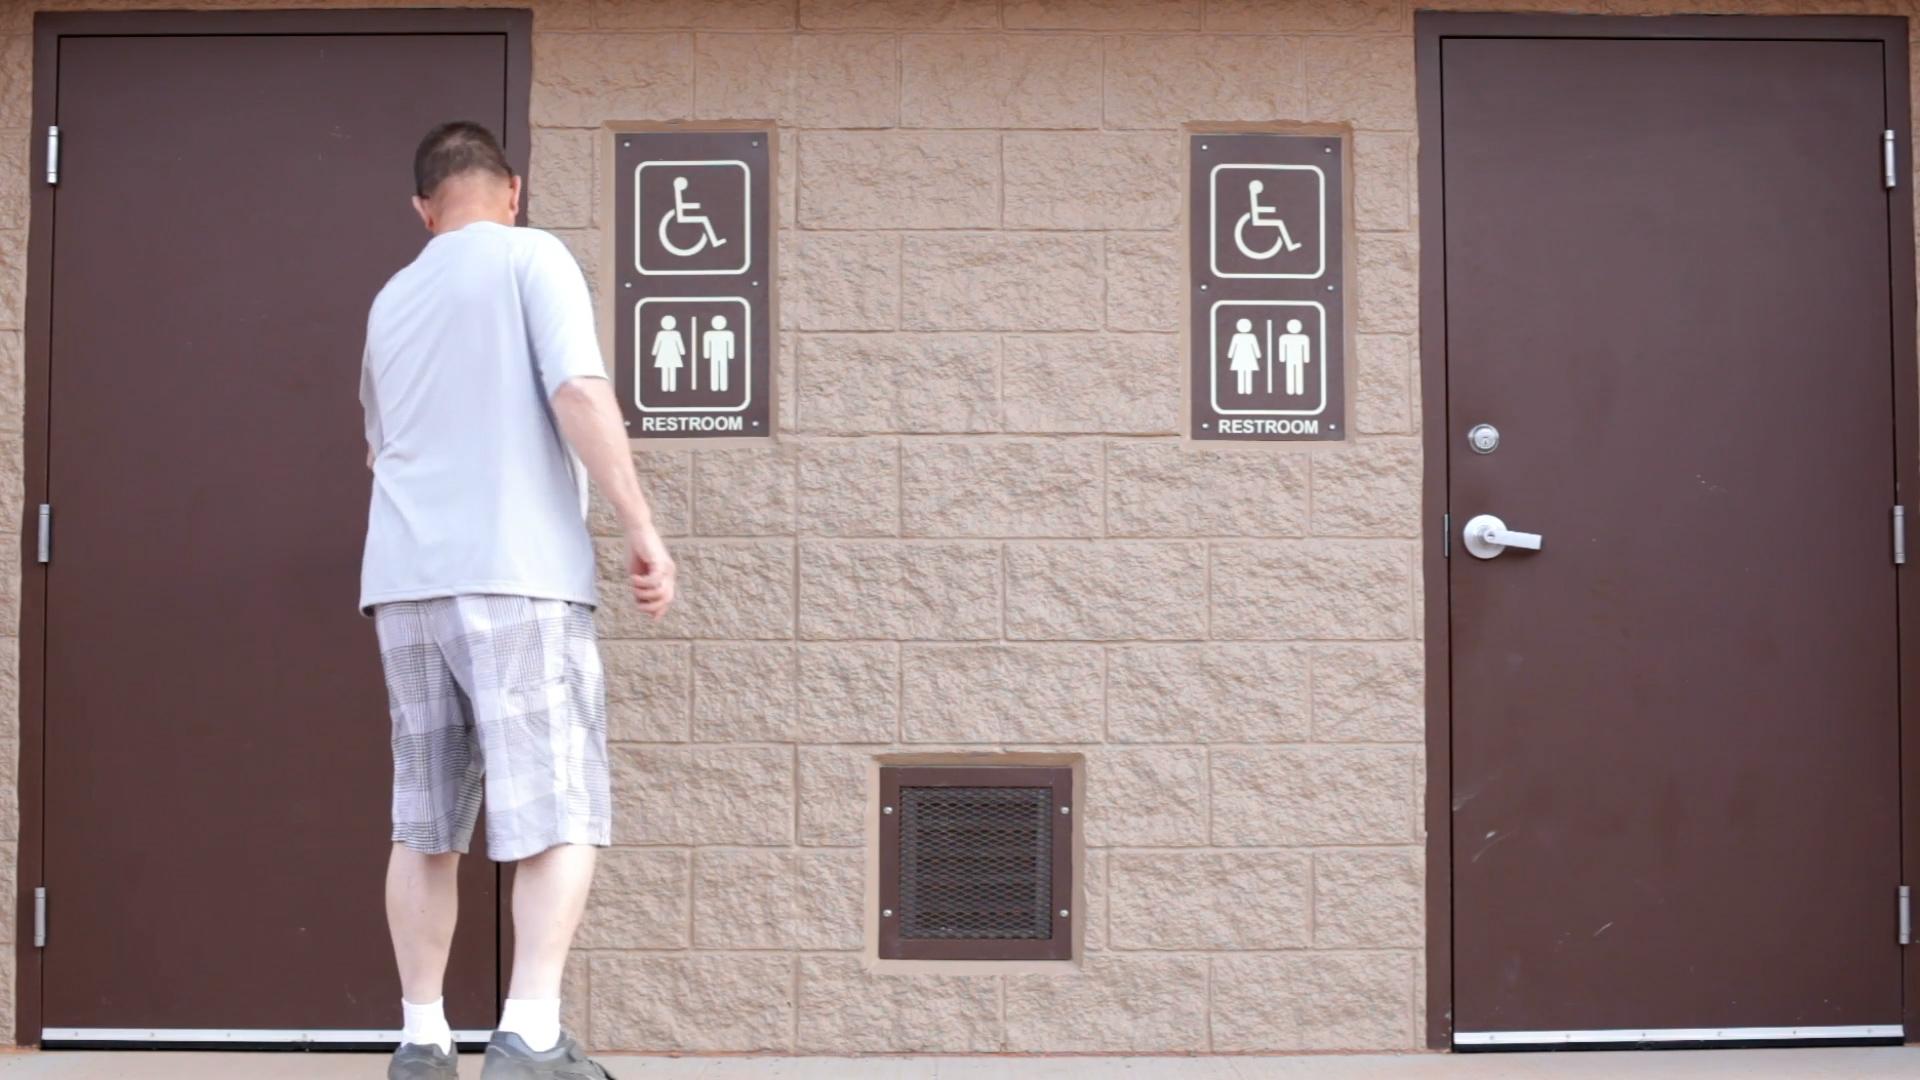 5 objawów raka prostaty, których nie należy ignorować. Nie są oczywiste